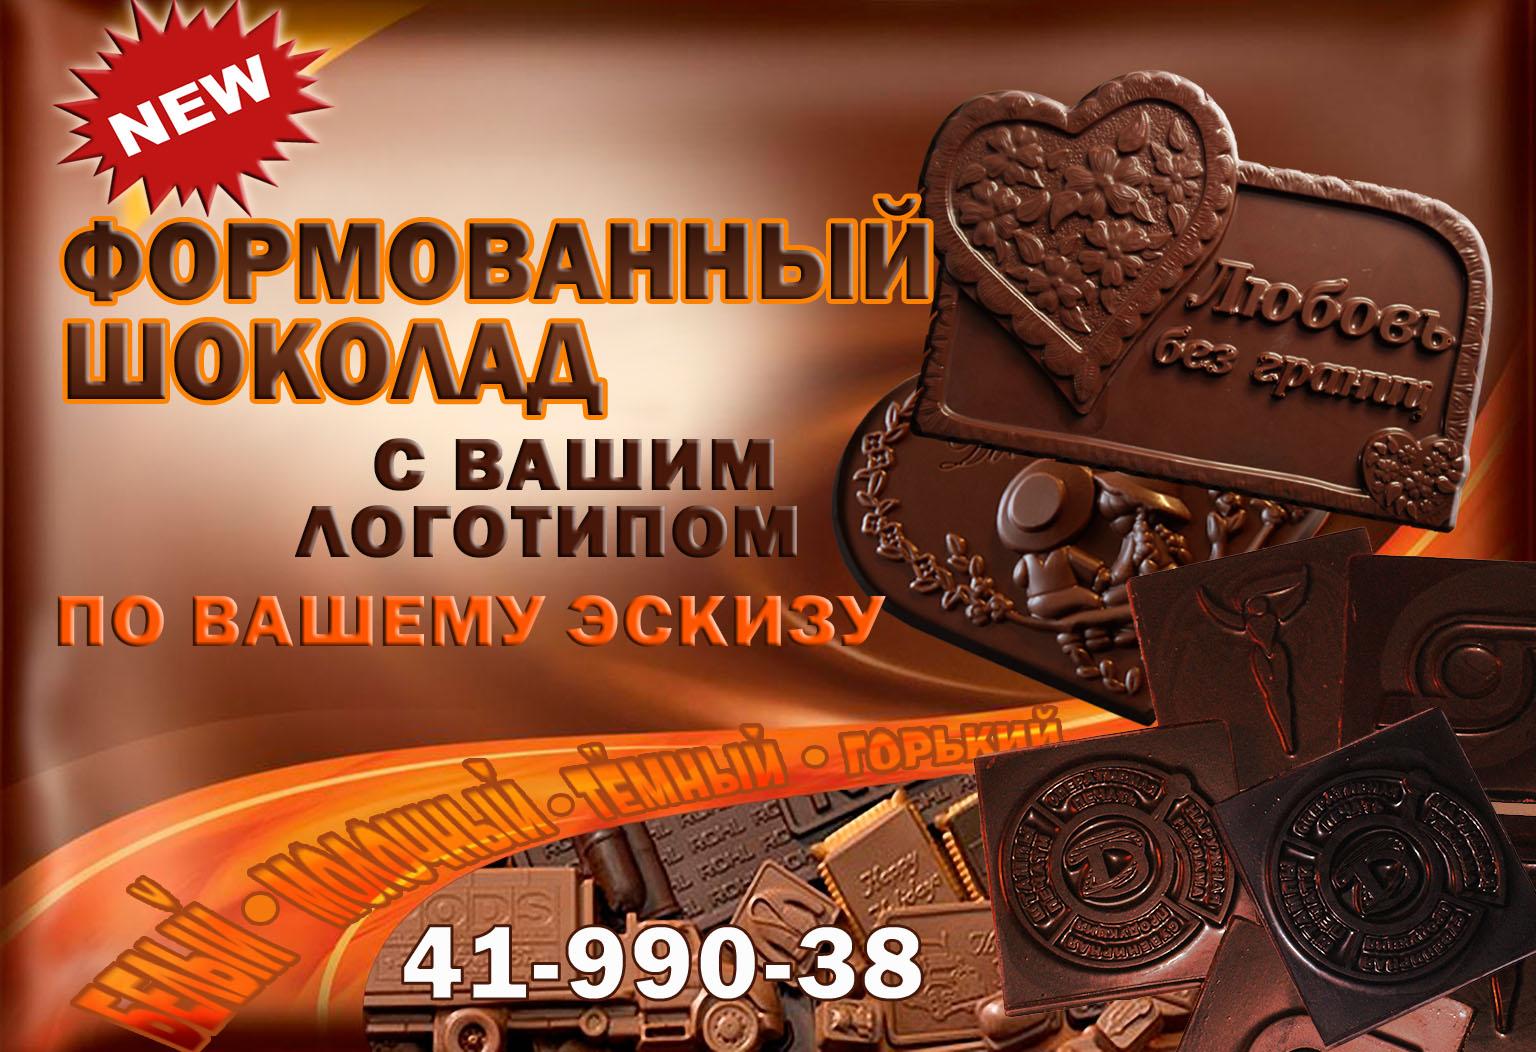 Литой шоколад с Вашим логотипом